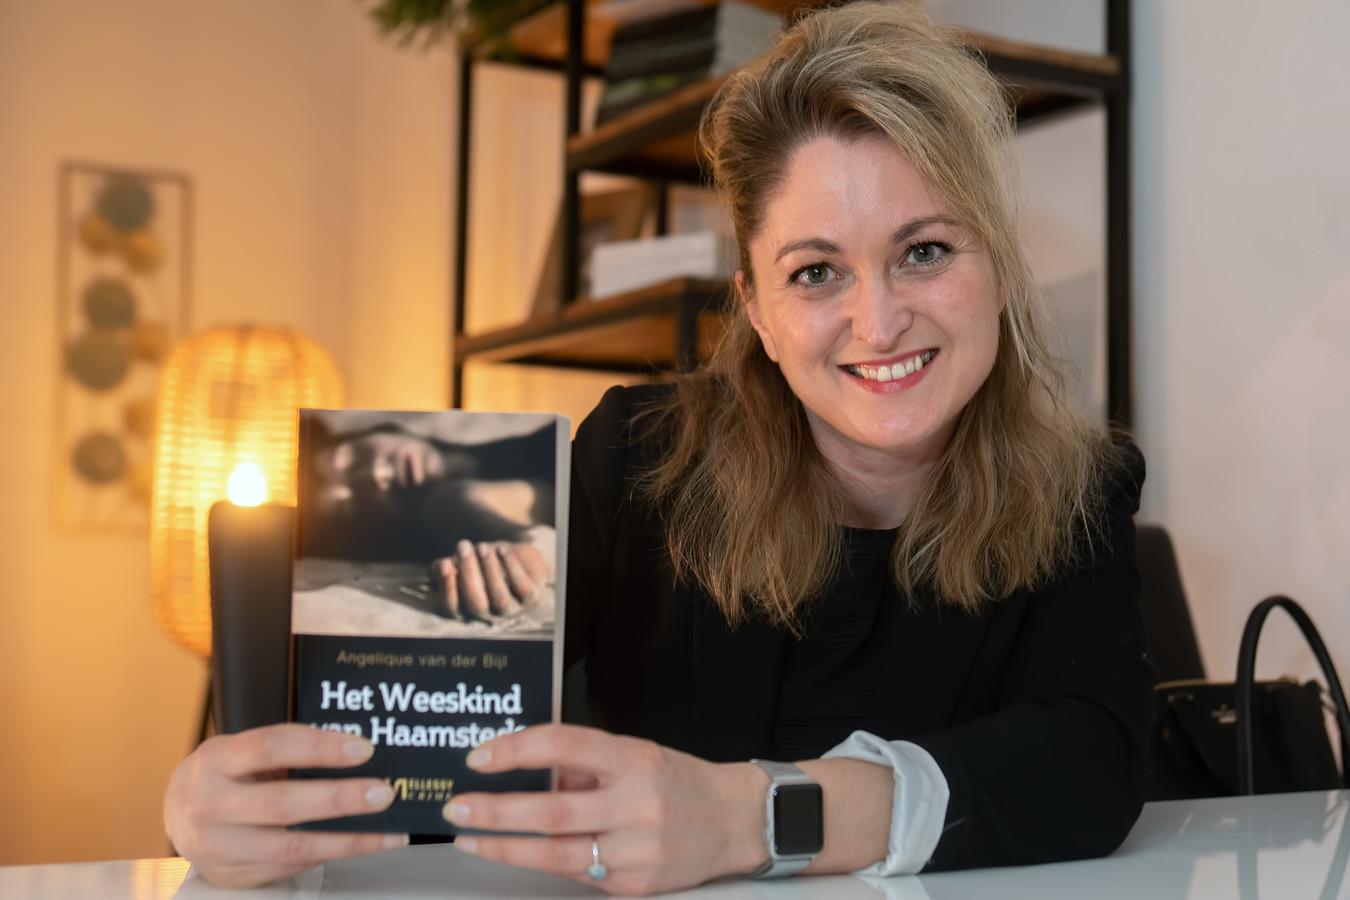 Het tweede boek van schrijfster Angelique van der Bijl uit Geertruidenberg komt uit, een psychologische thriller die zich afspeelt aan de Zeeuwse kust.